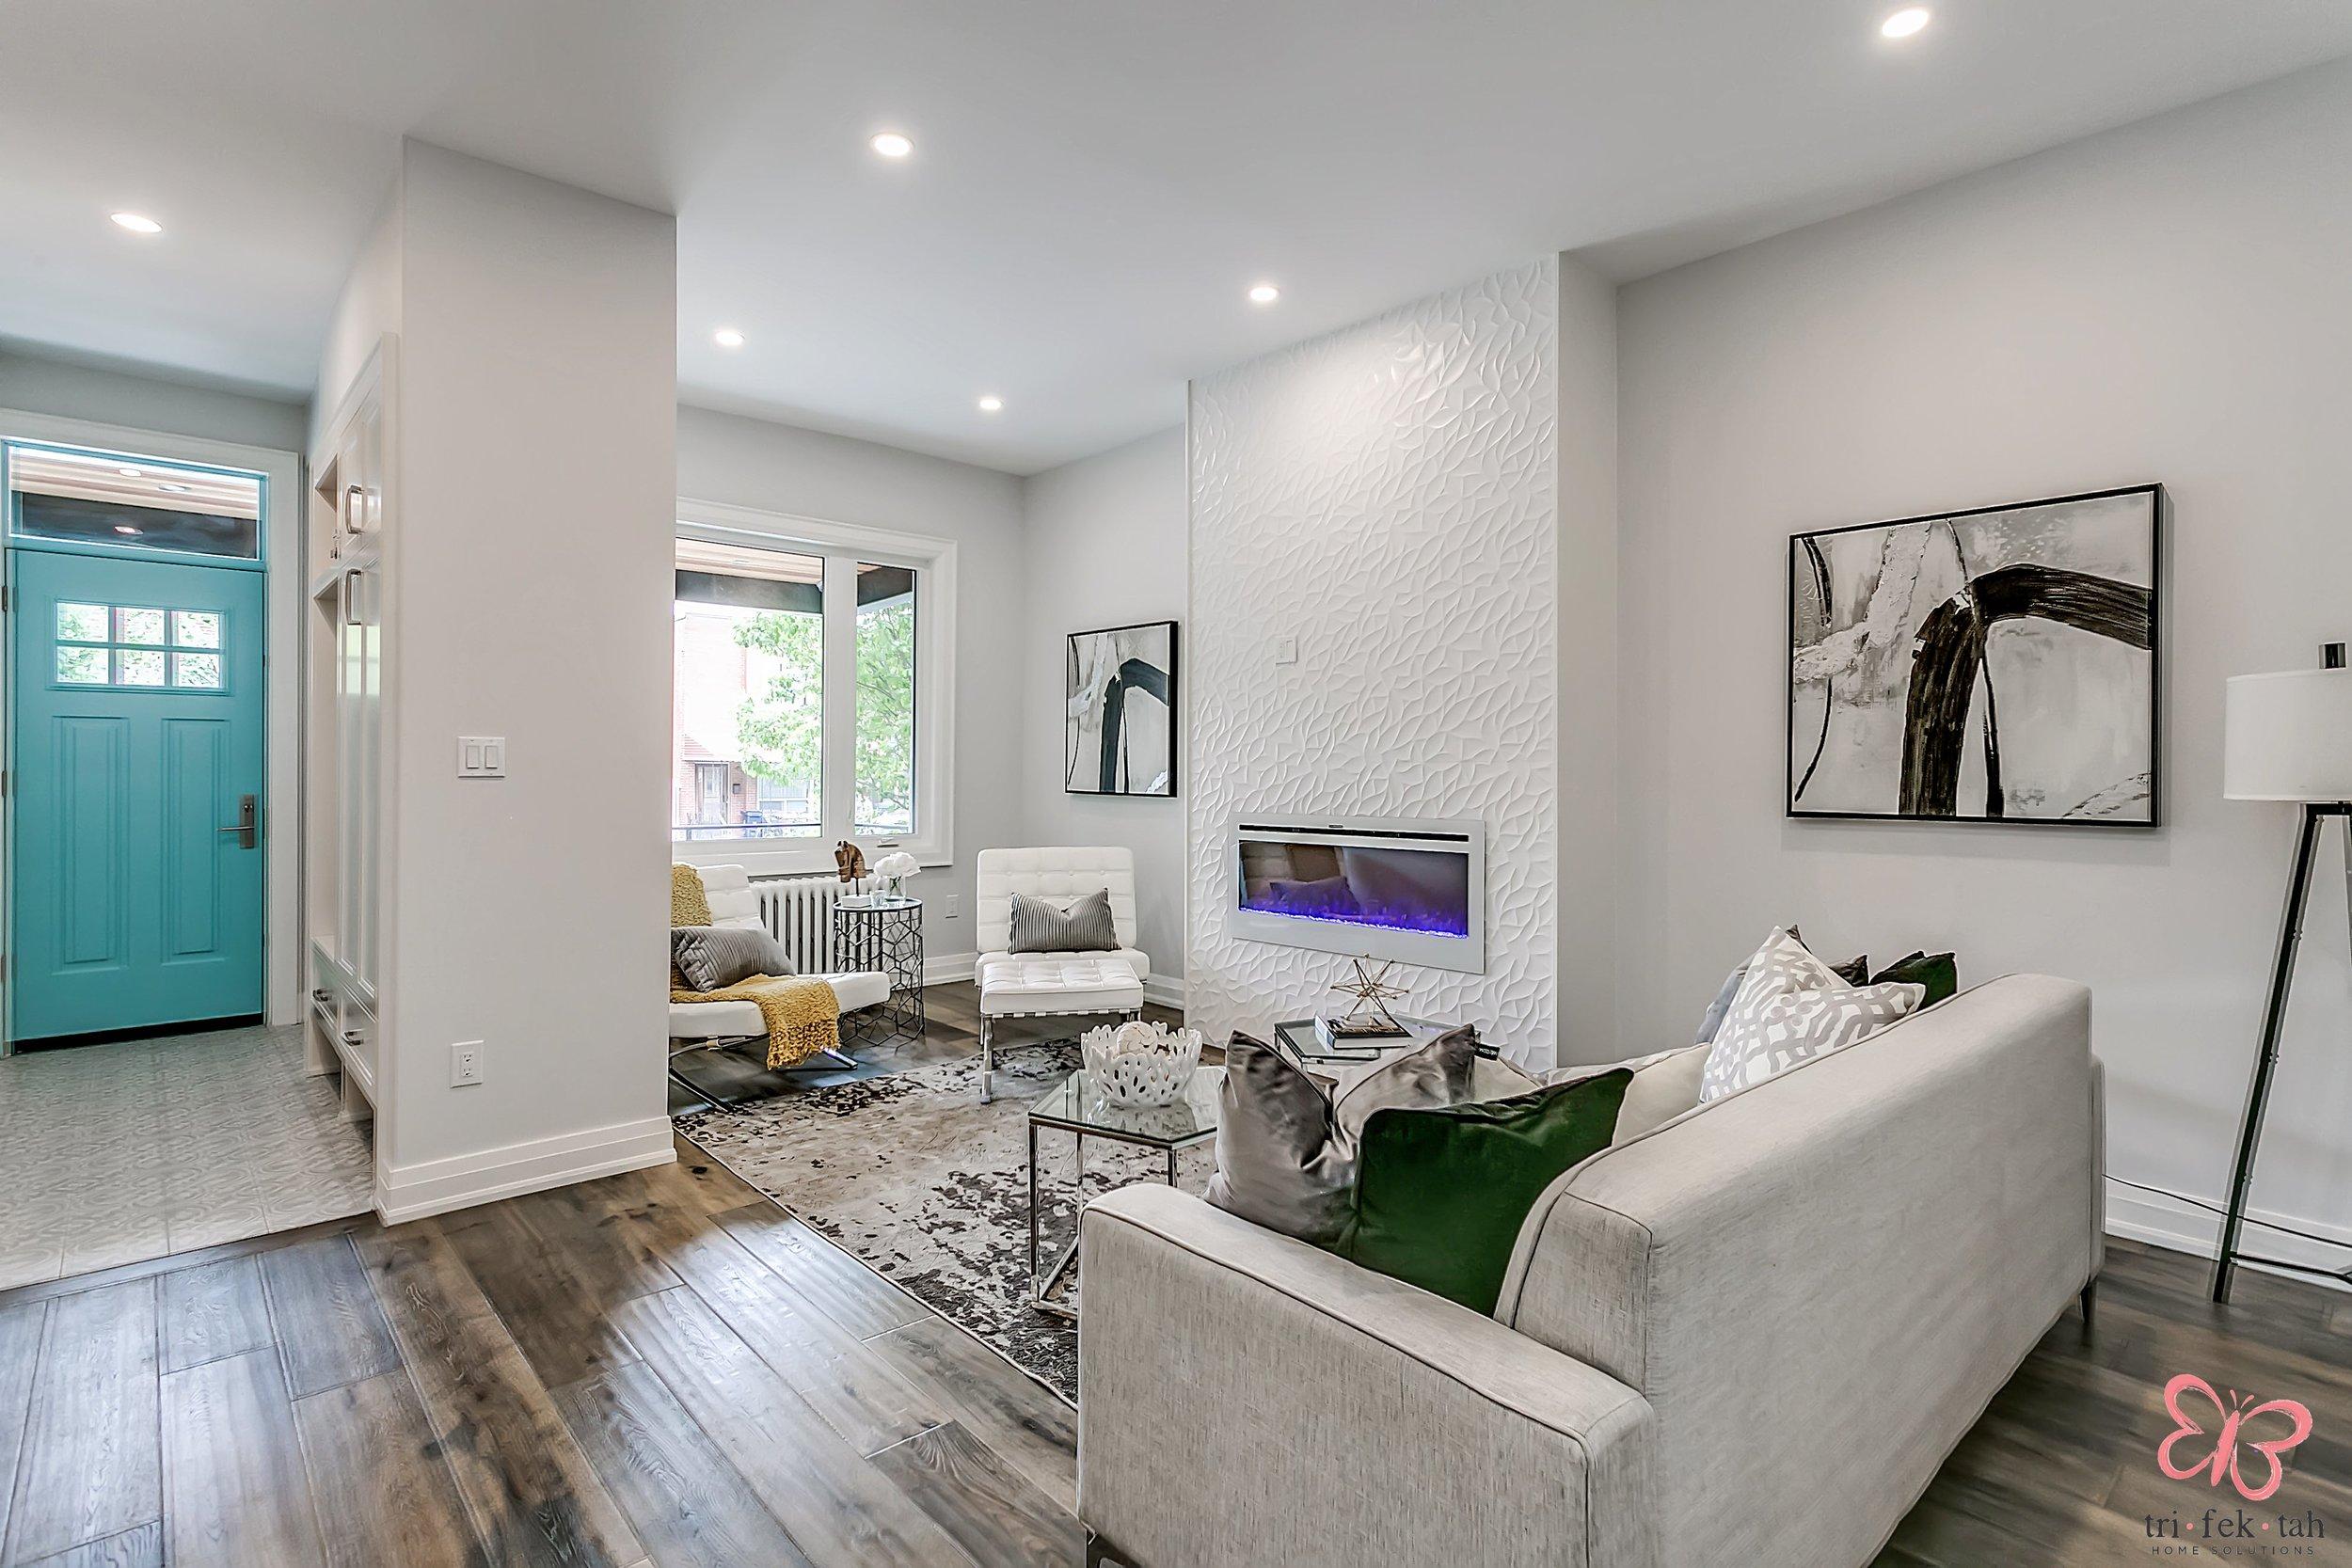 190-Bellwoods-livingroom.jpg